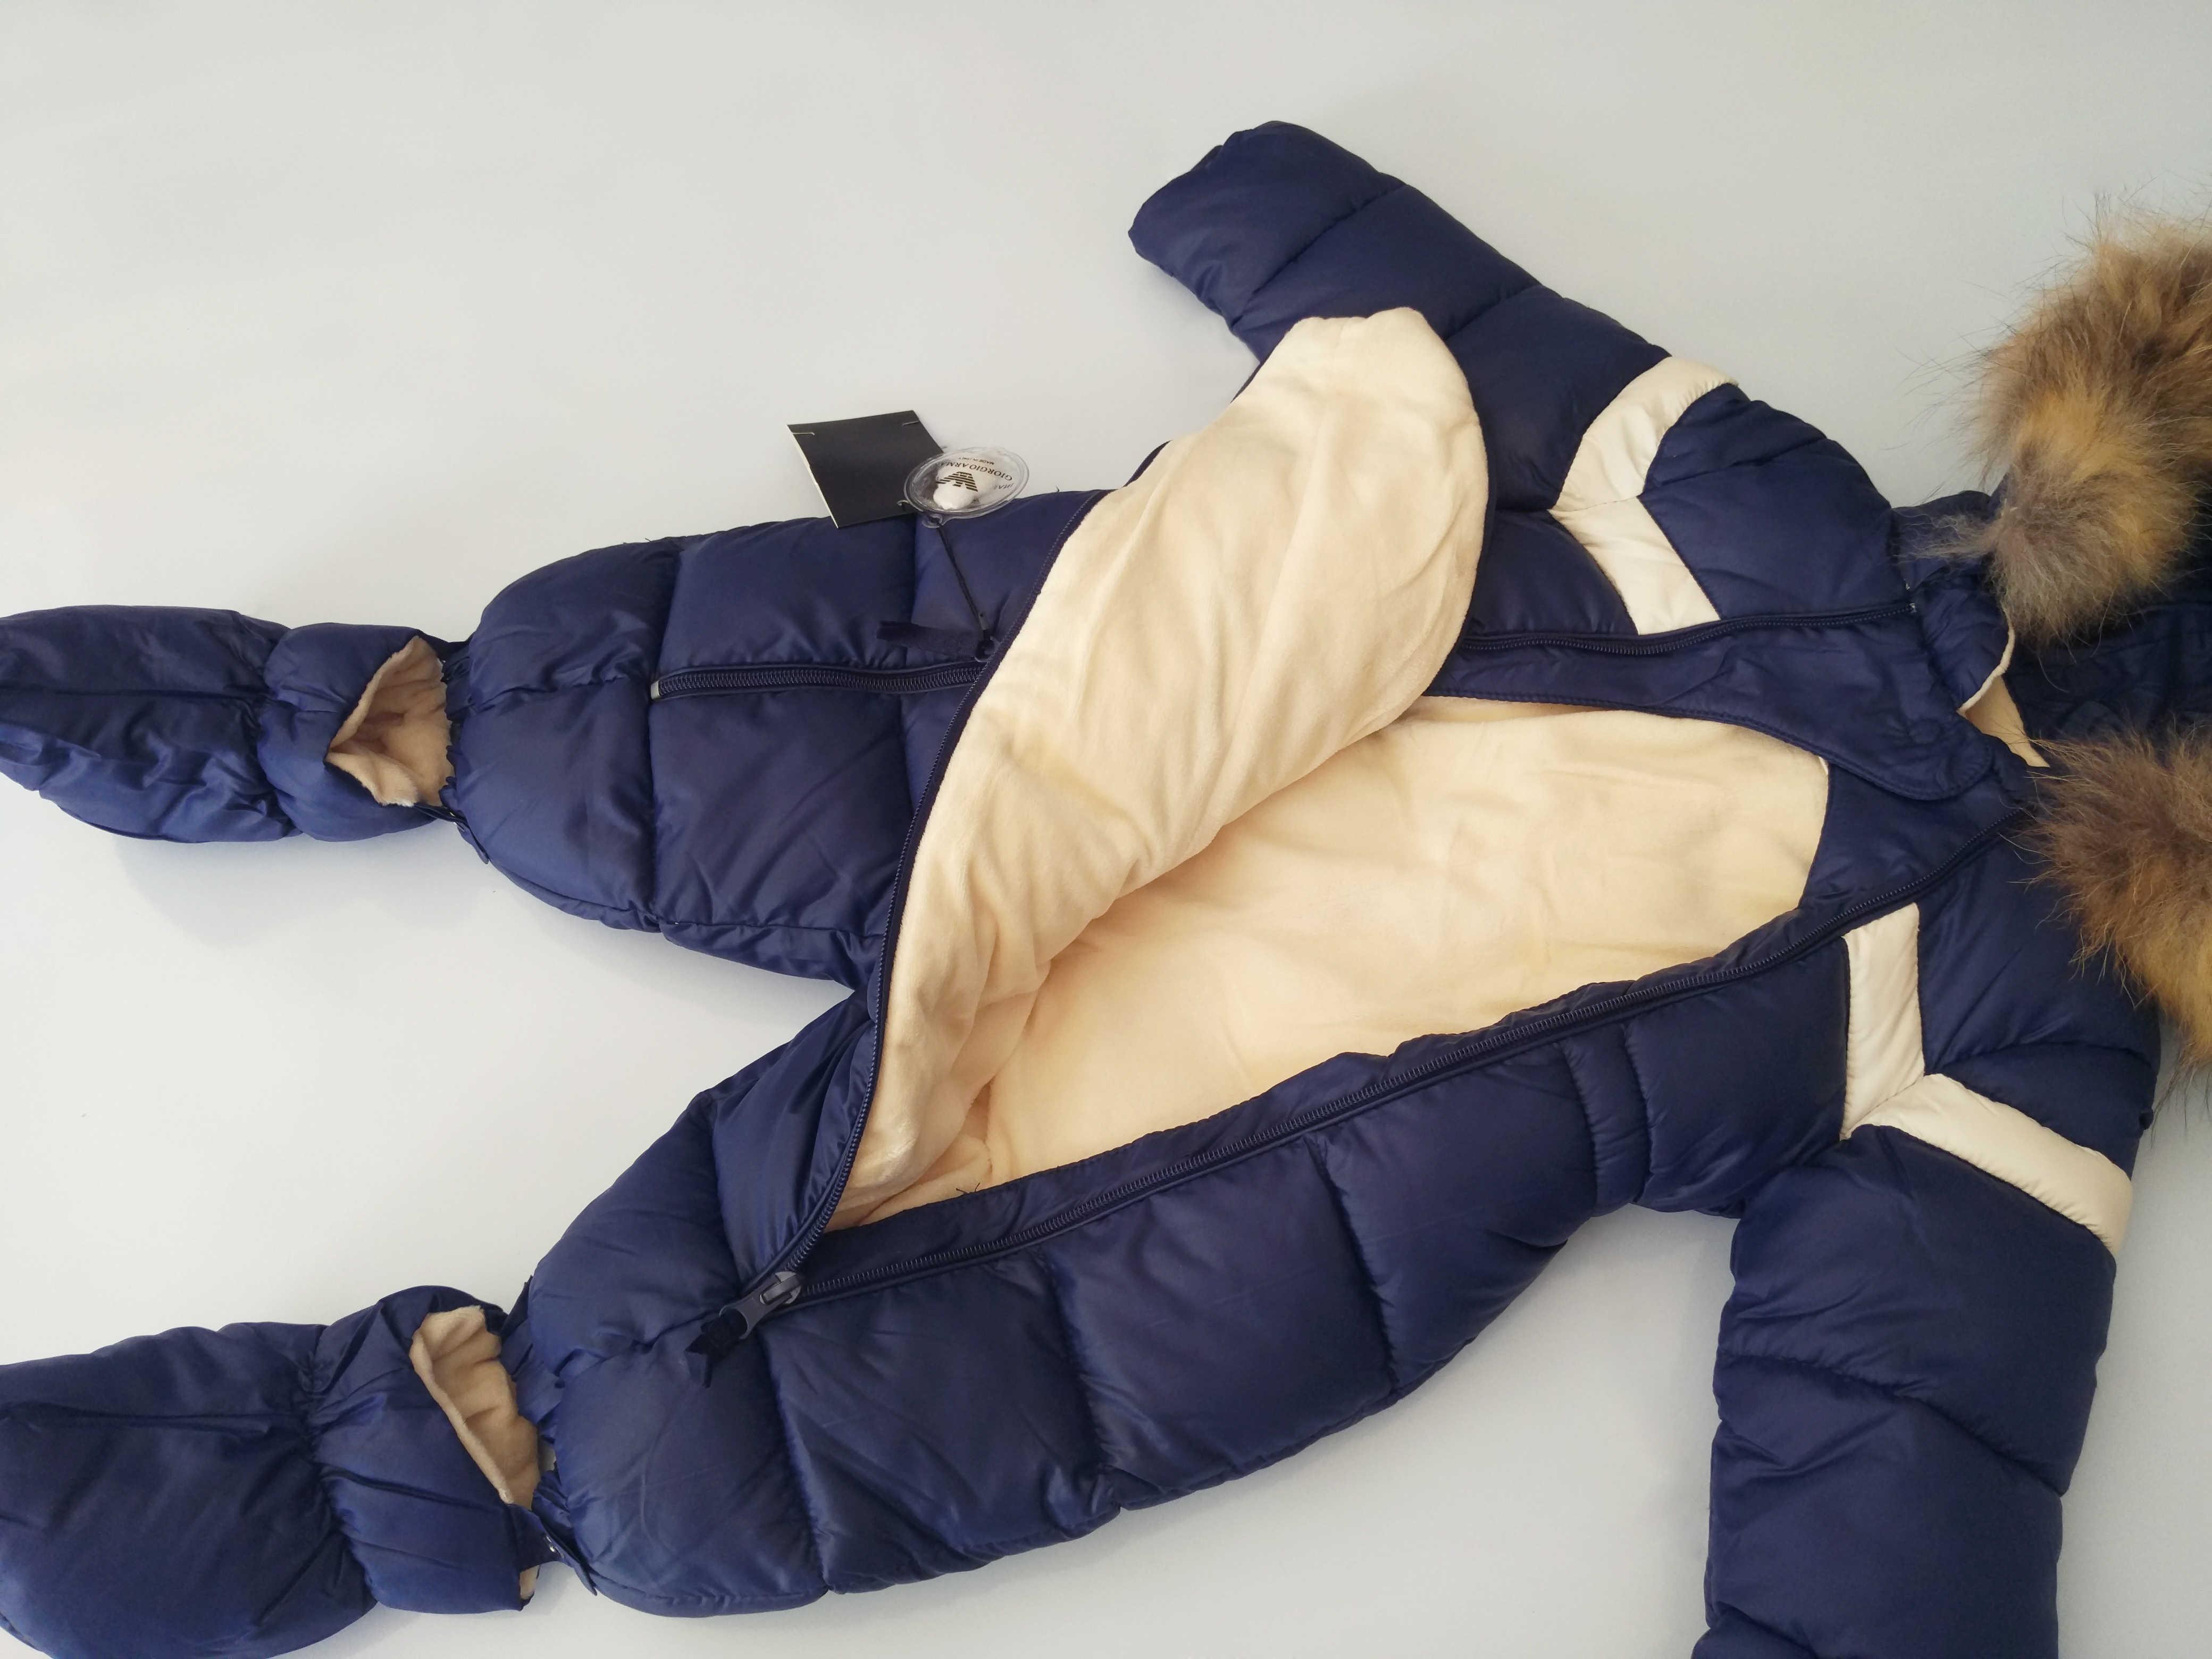 חורף תינוק ילד Bodysuits בגדי טבעי פרווה מותג תינוקות שלג בגדי ברדס פעוט של מקשה אחת סרבל בגדי מתנה